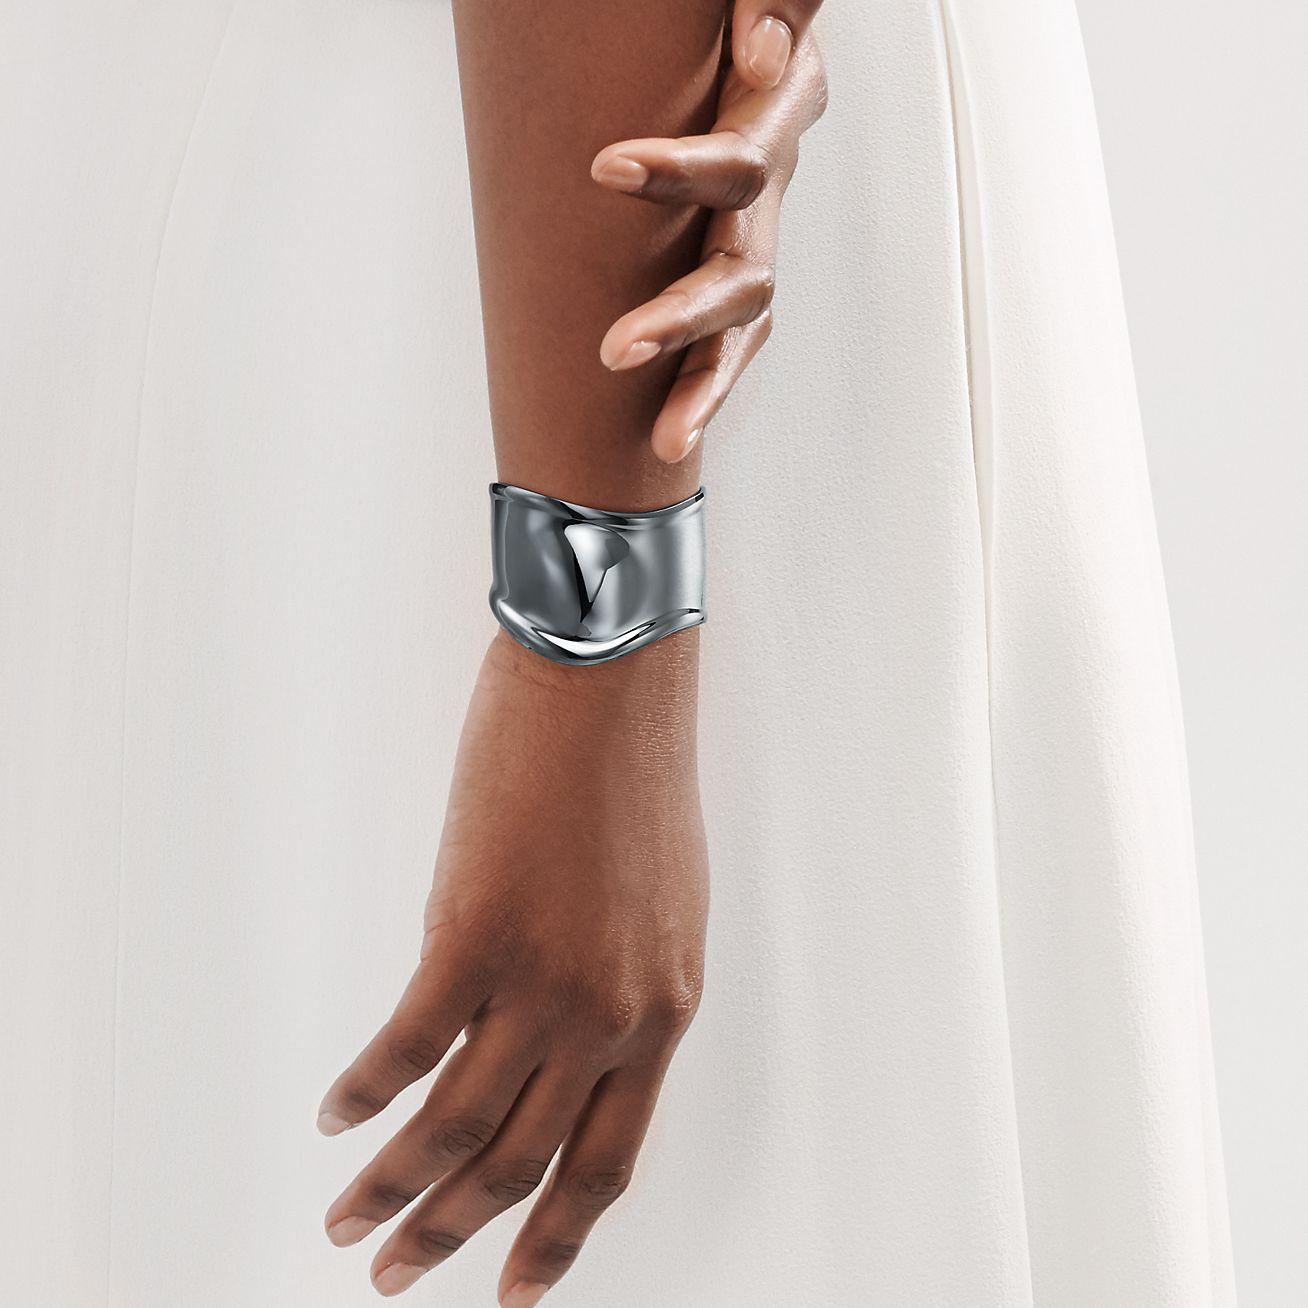 Elsa Peretti Small Bone Cuff With A Charcoal Color Finish 43 Mm Wide Tiffany Co